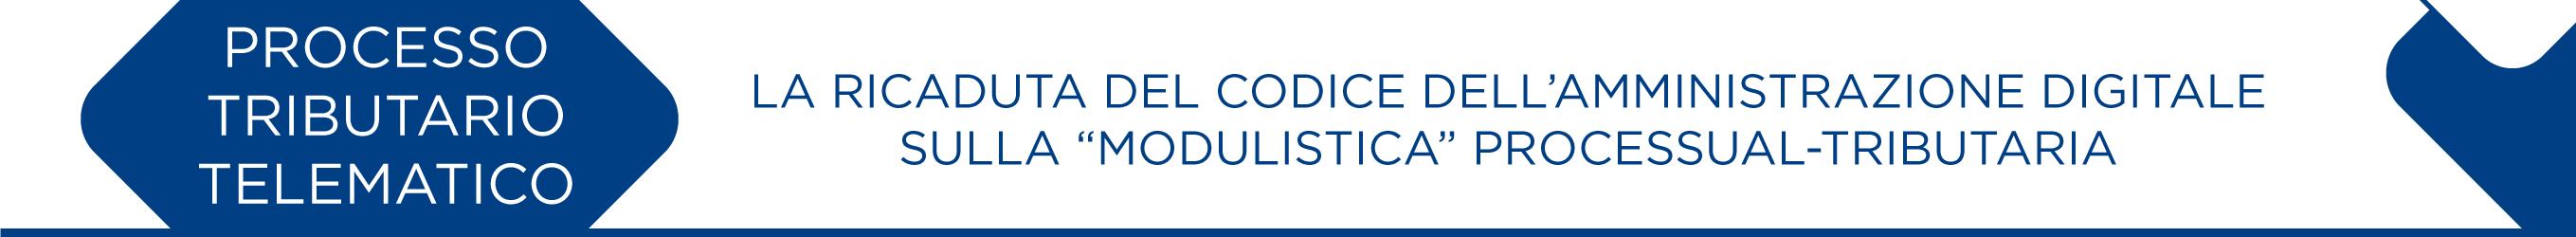 Top-pillola-ptt-codice-amministrazione-digitale_2717x250px